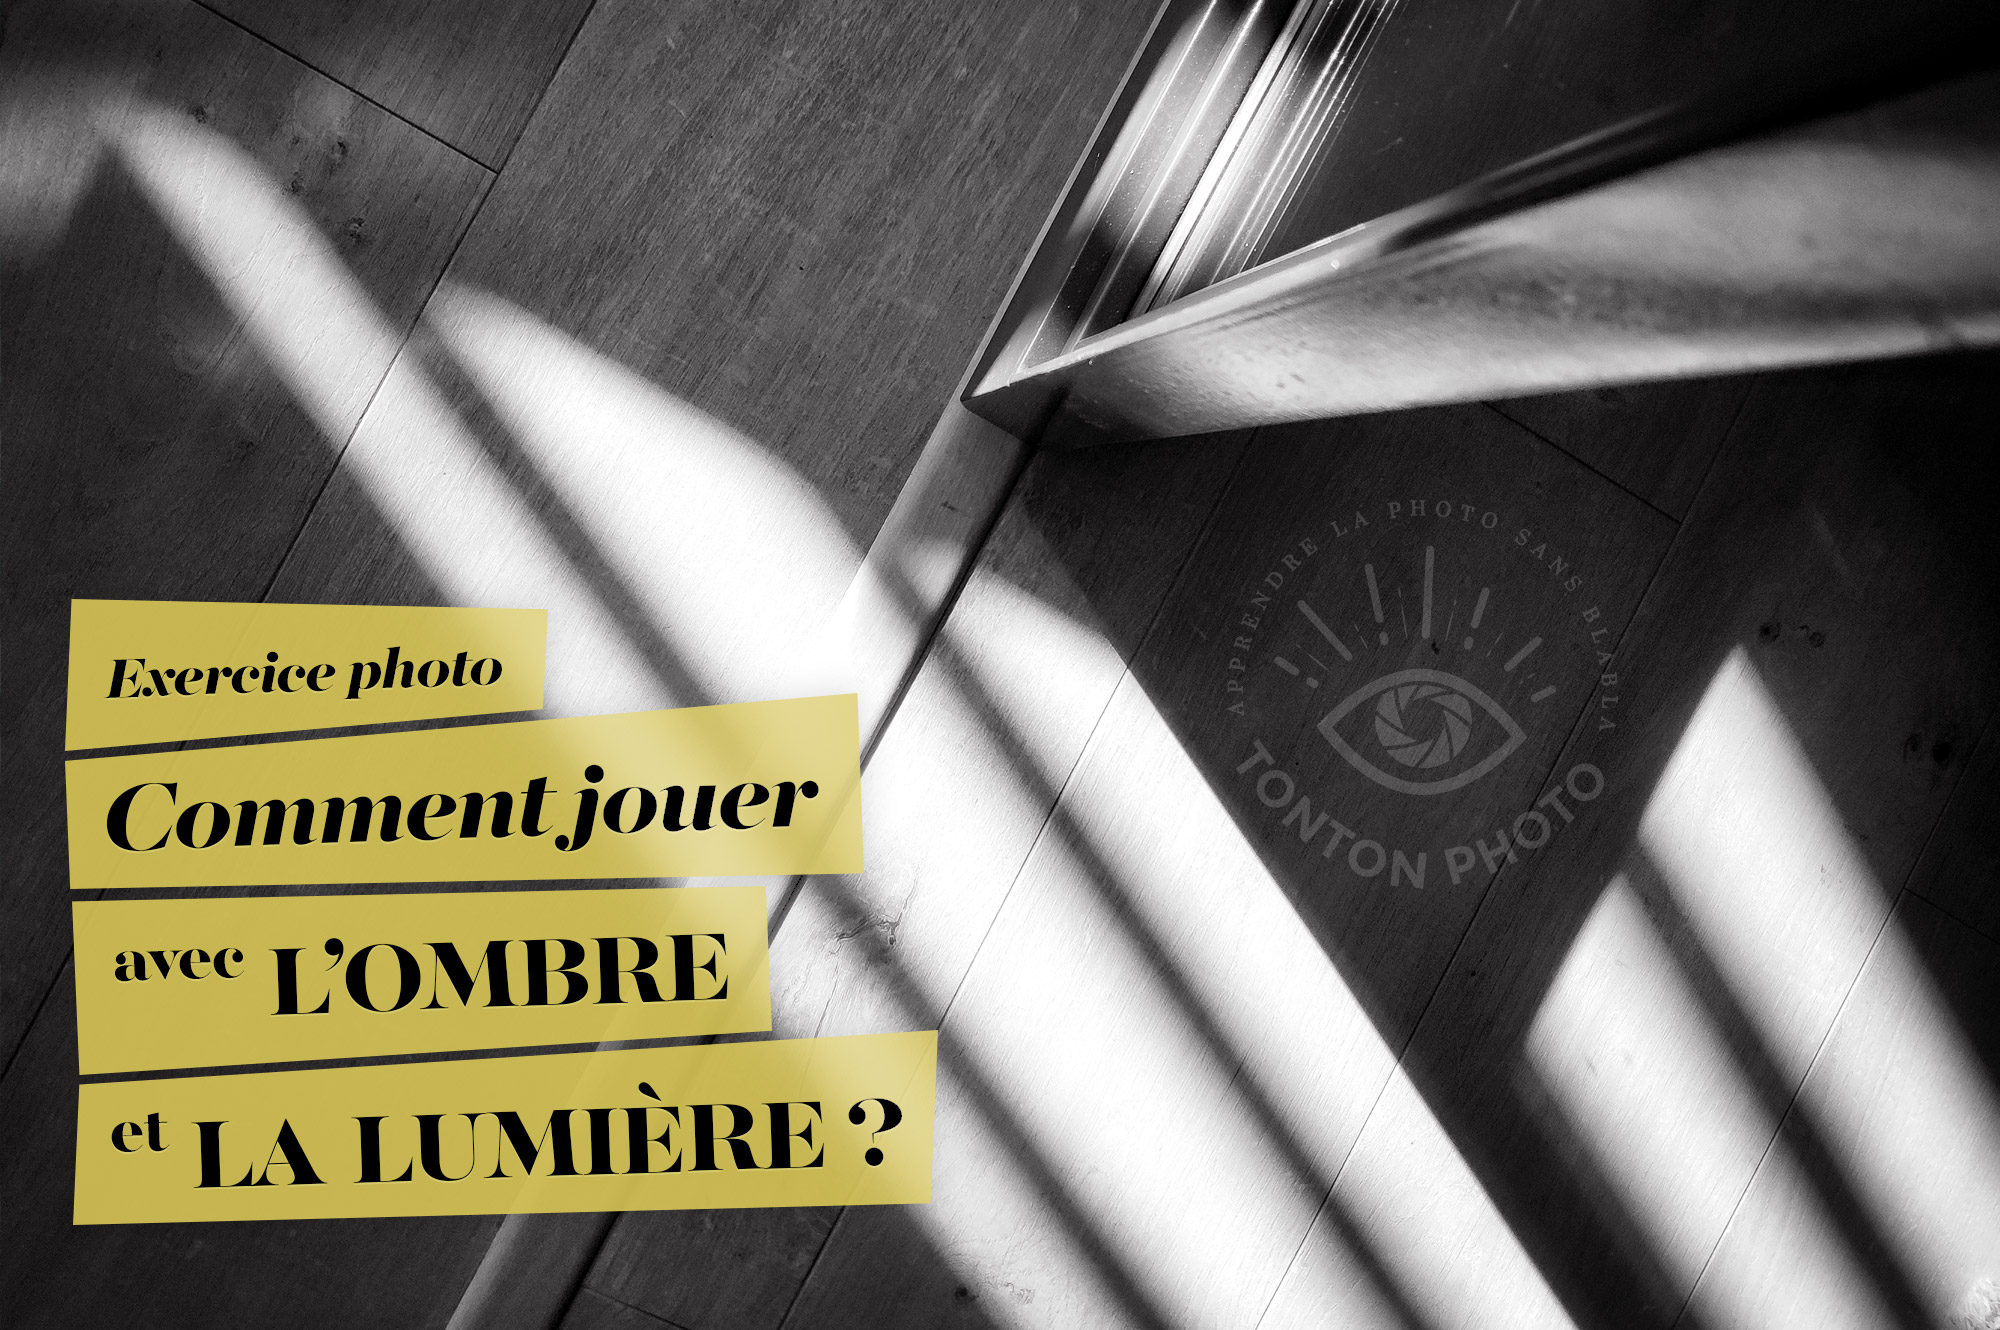 Exercice photo : comment jouer avec l'ombre et la lumière ? © Tonton Photo - Pour apprendre la photo avec simplicité et créativité !